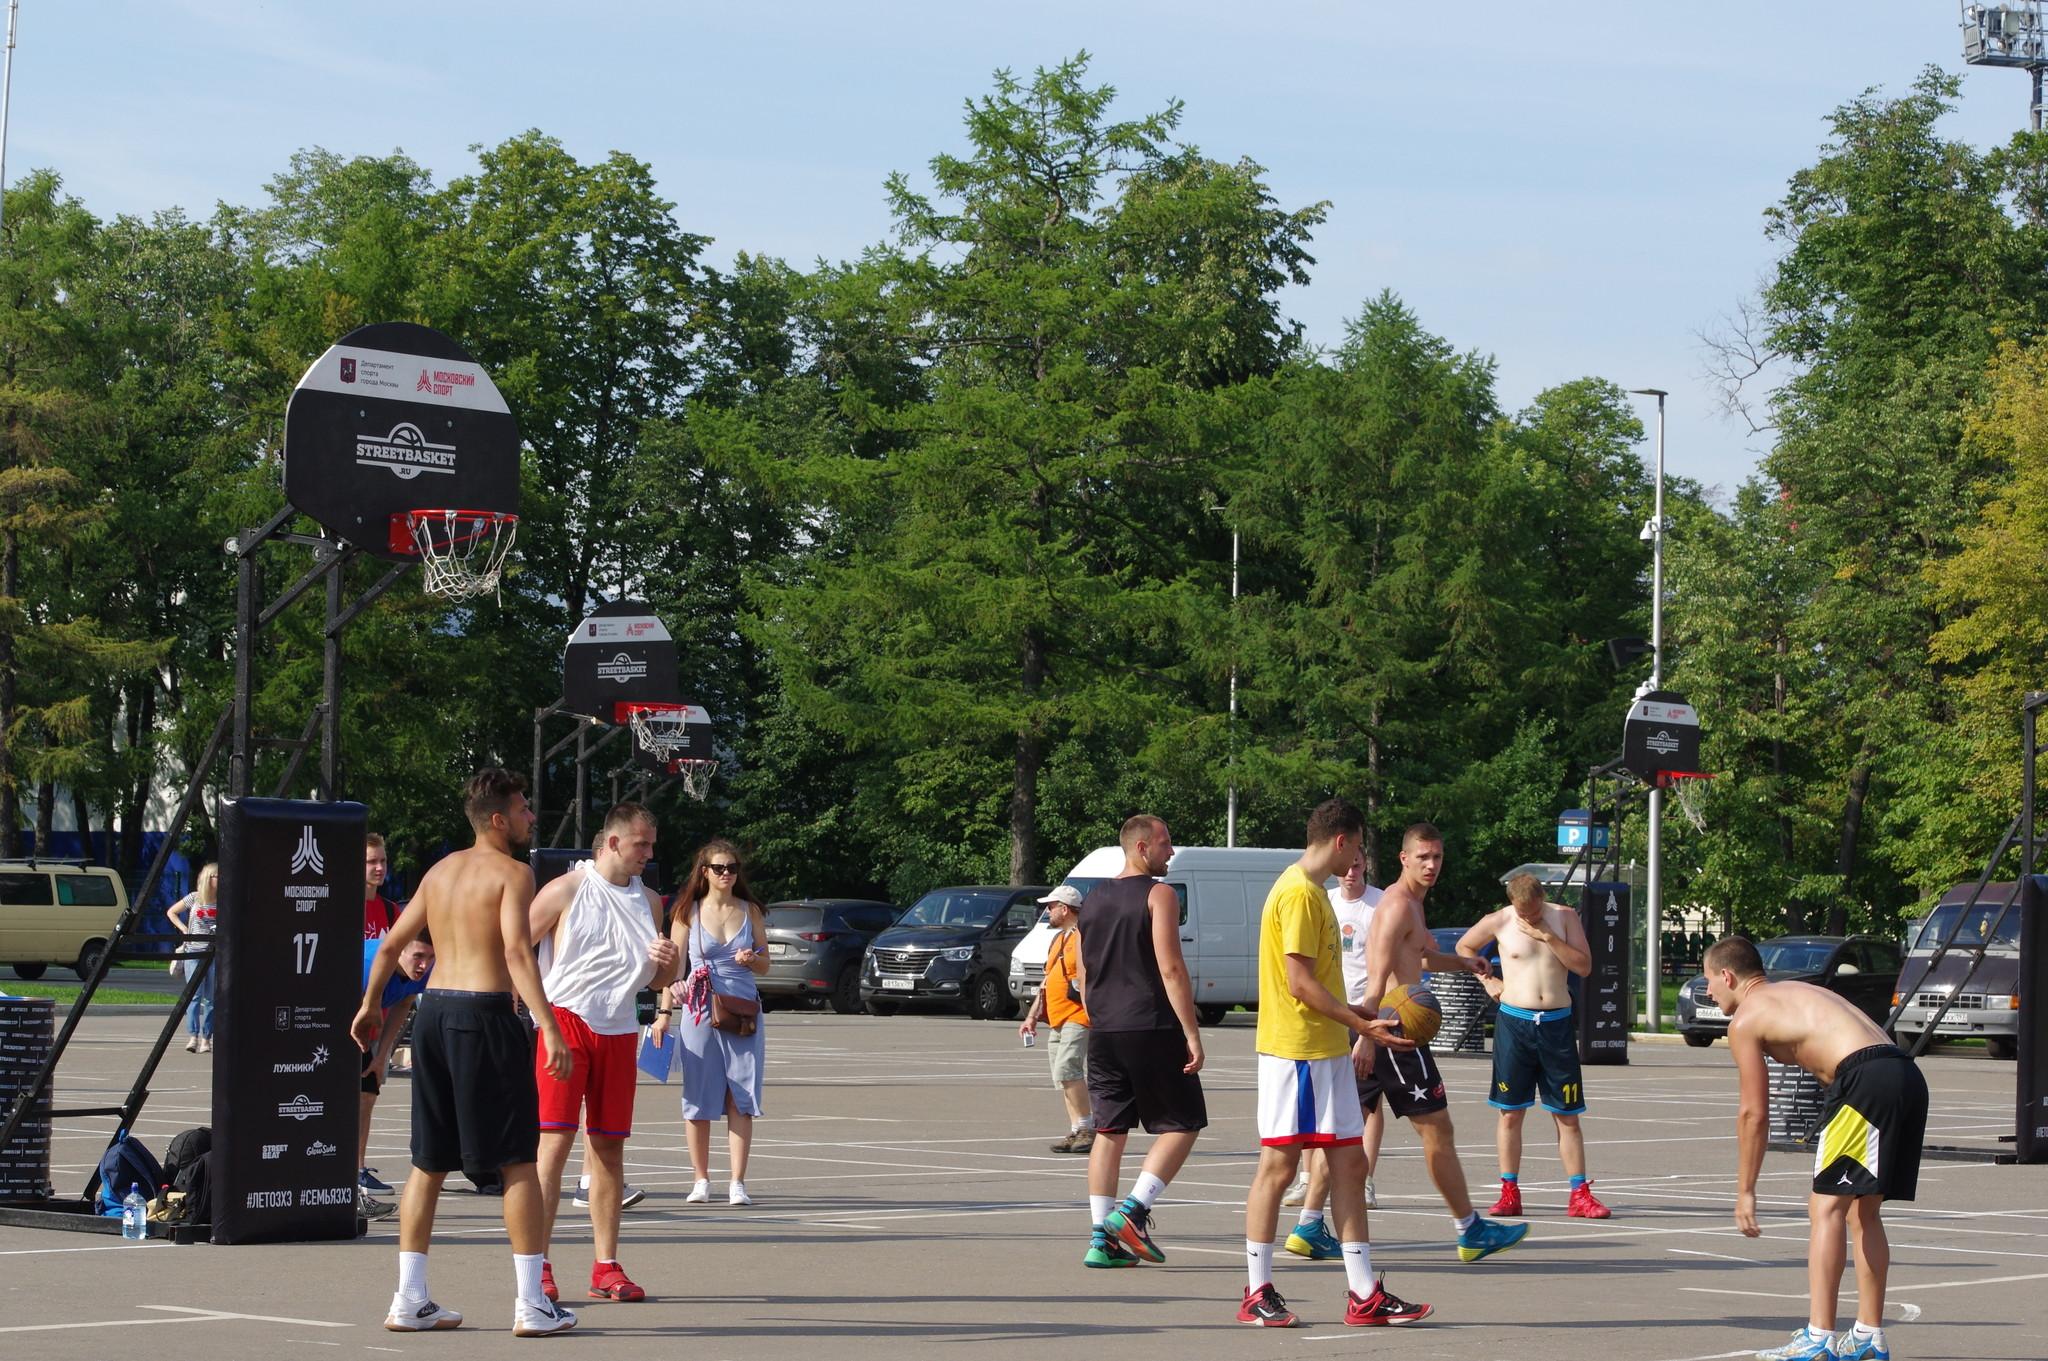 Фестиваль «Московский спорт» в «Лужниках»